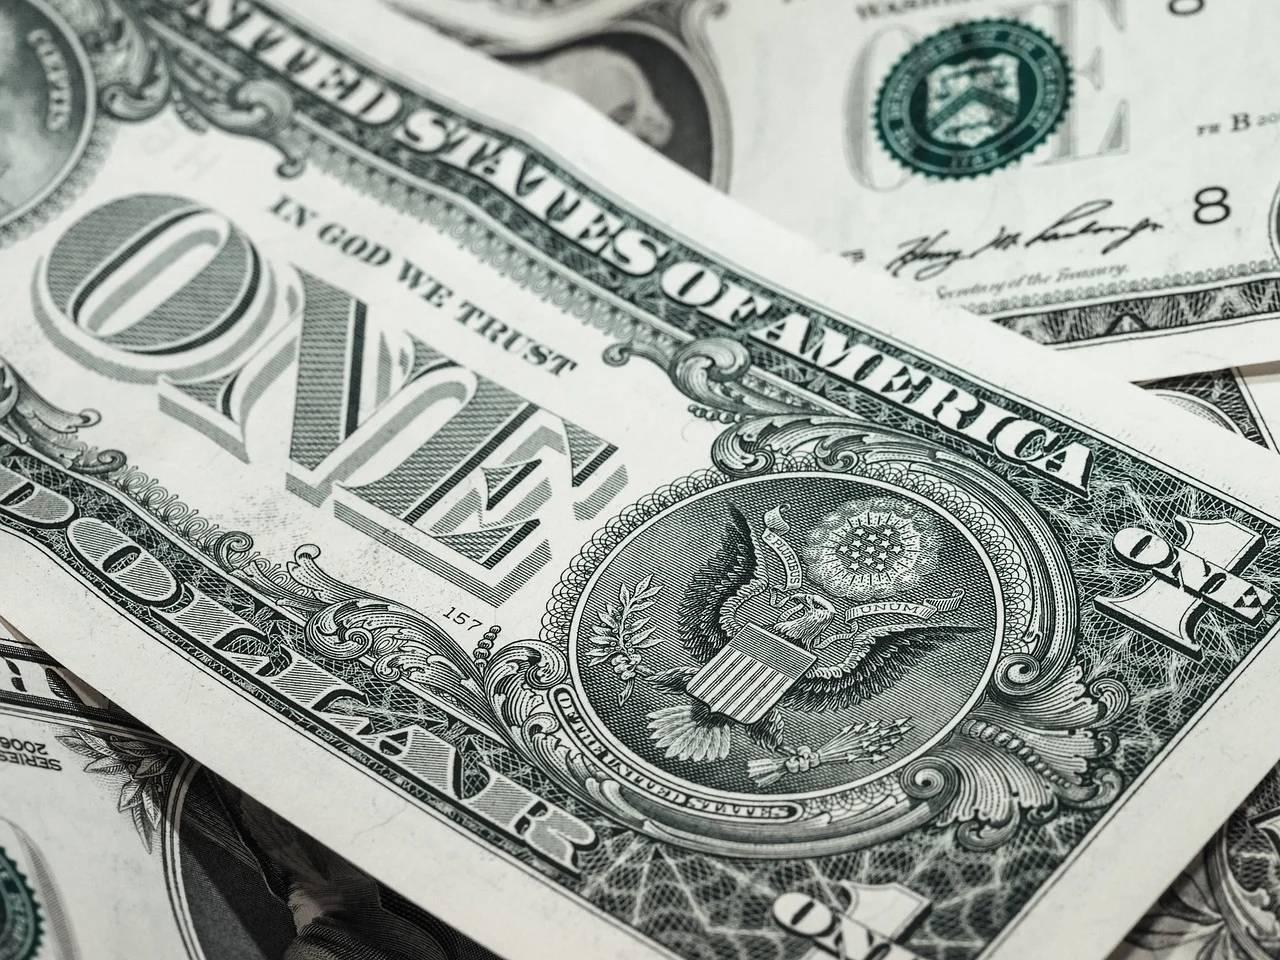 公募基金规模首次突破18万亿?基金火爆日光的背后原因何在?